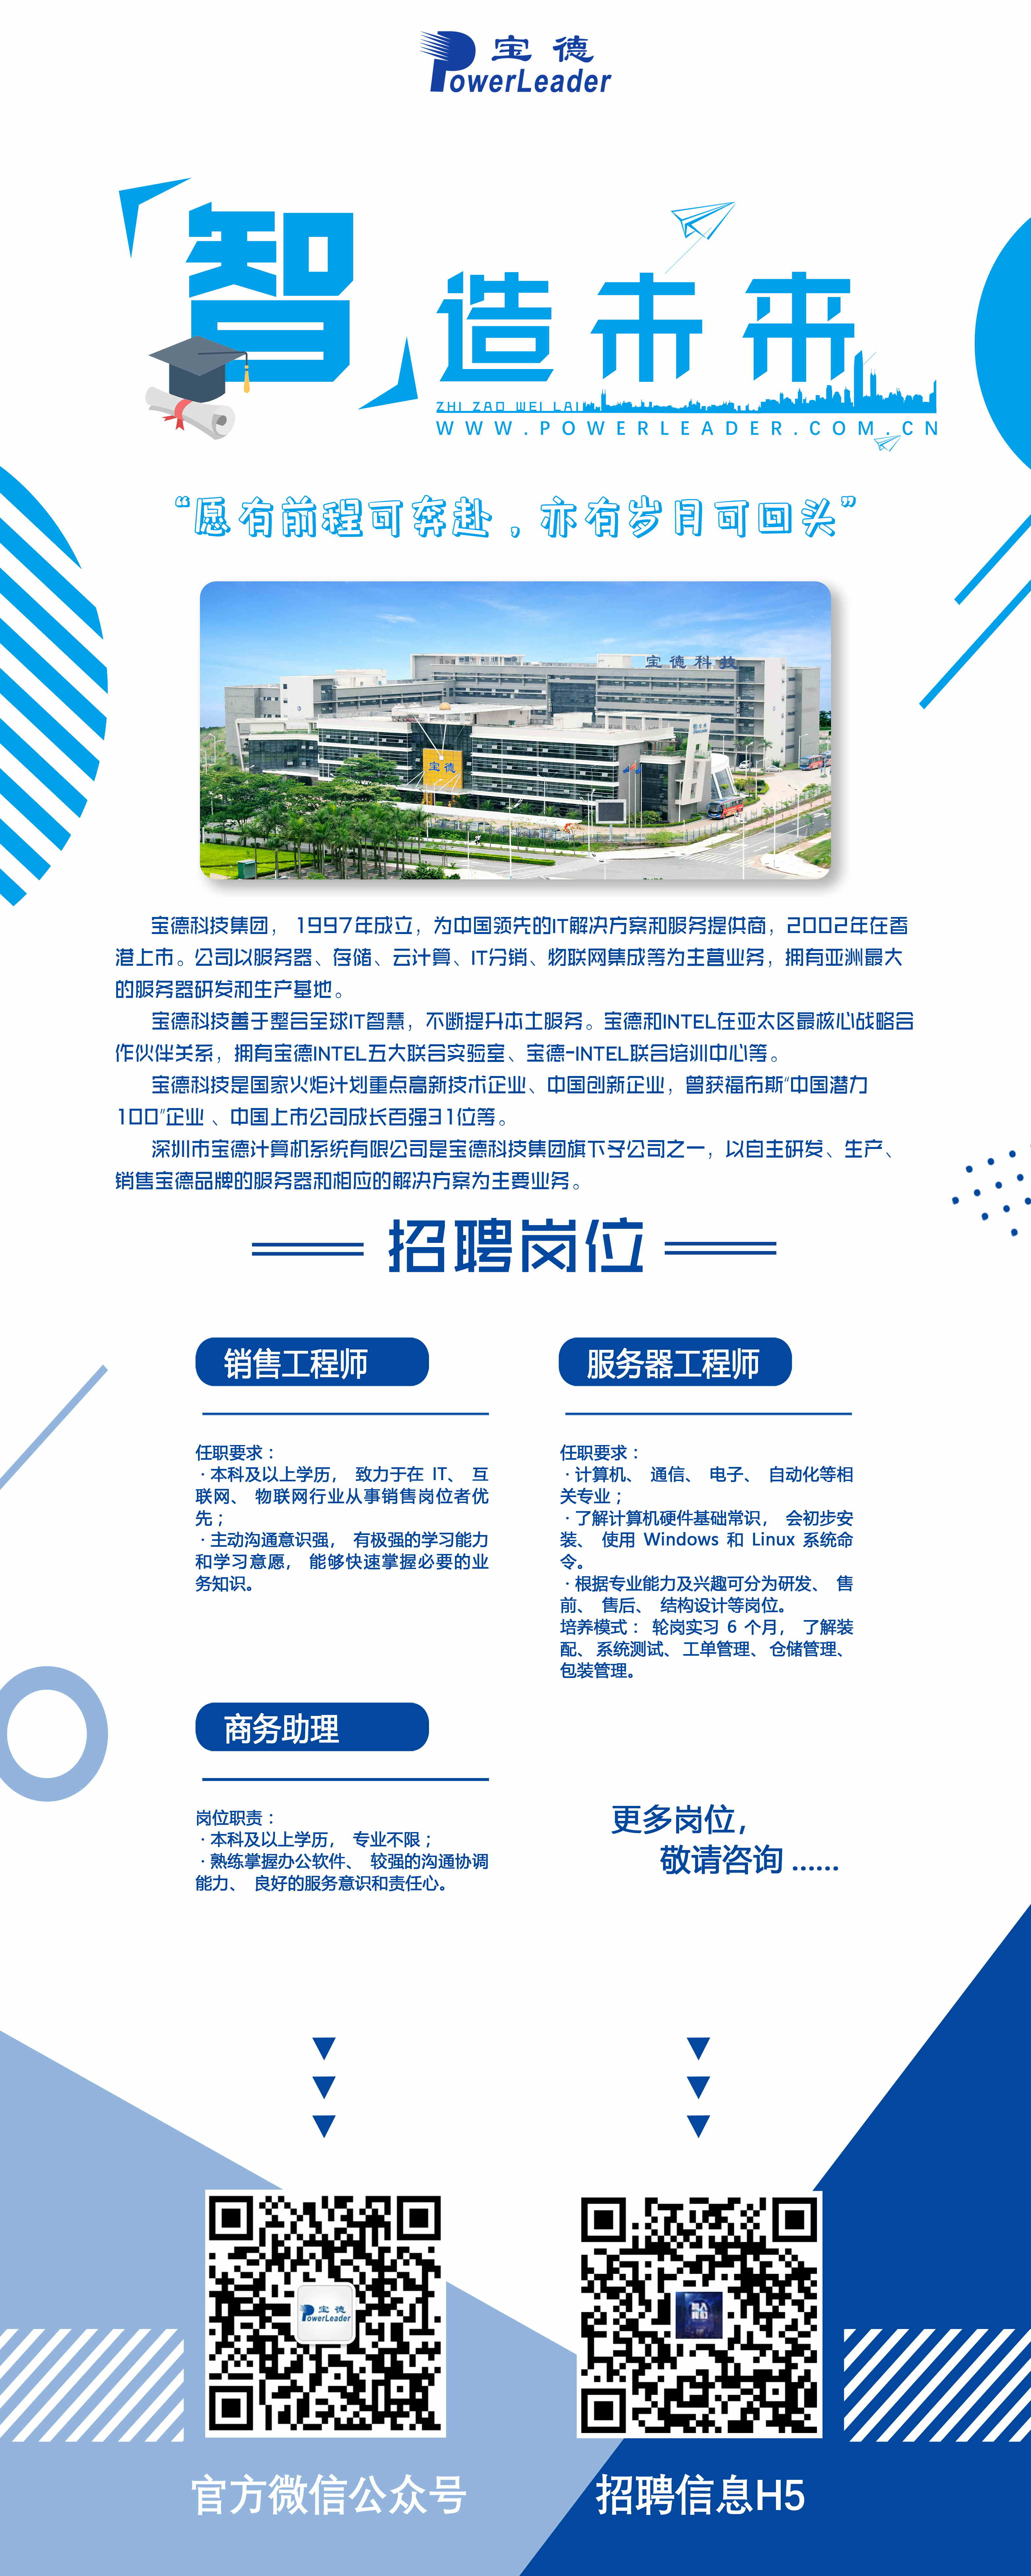 (因故取消)深圳市宝德计算机系统有限公司宣讲会